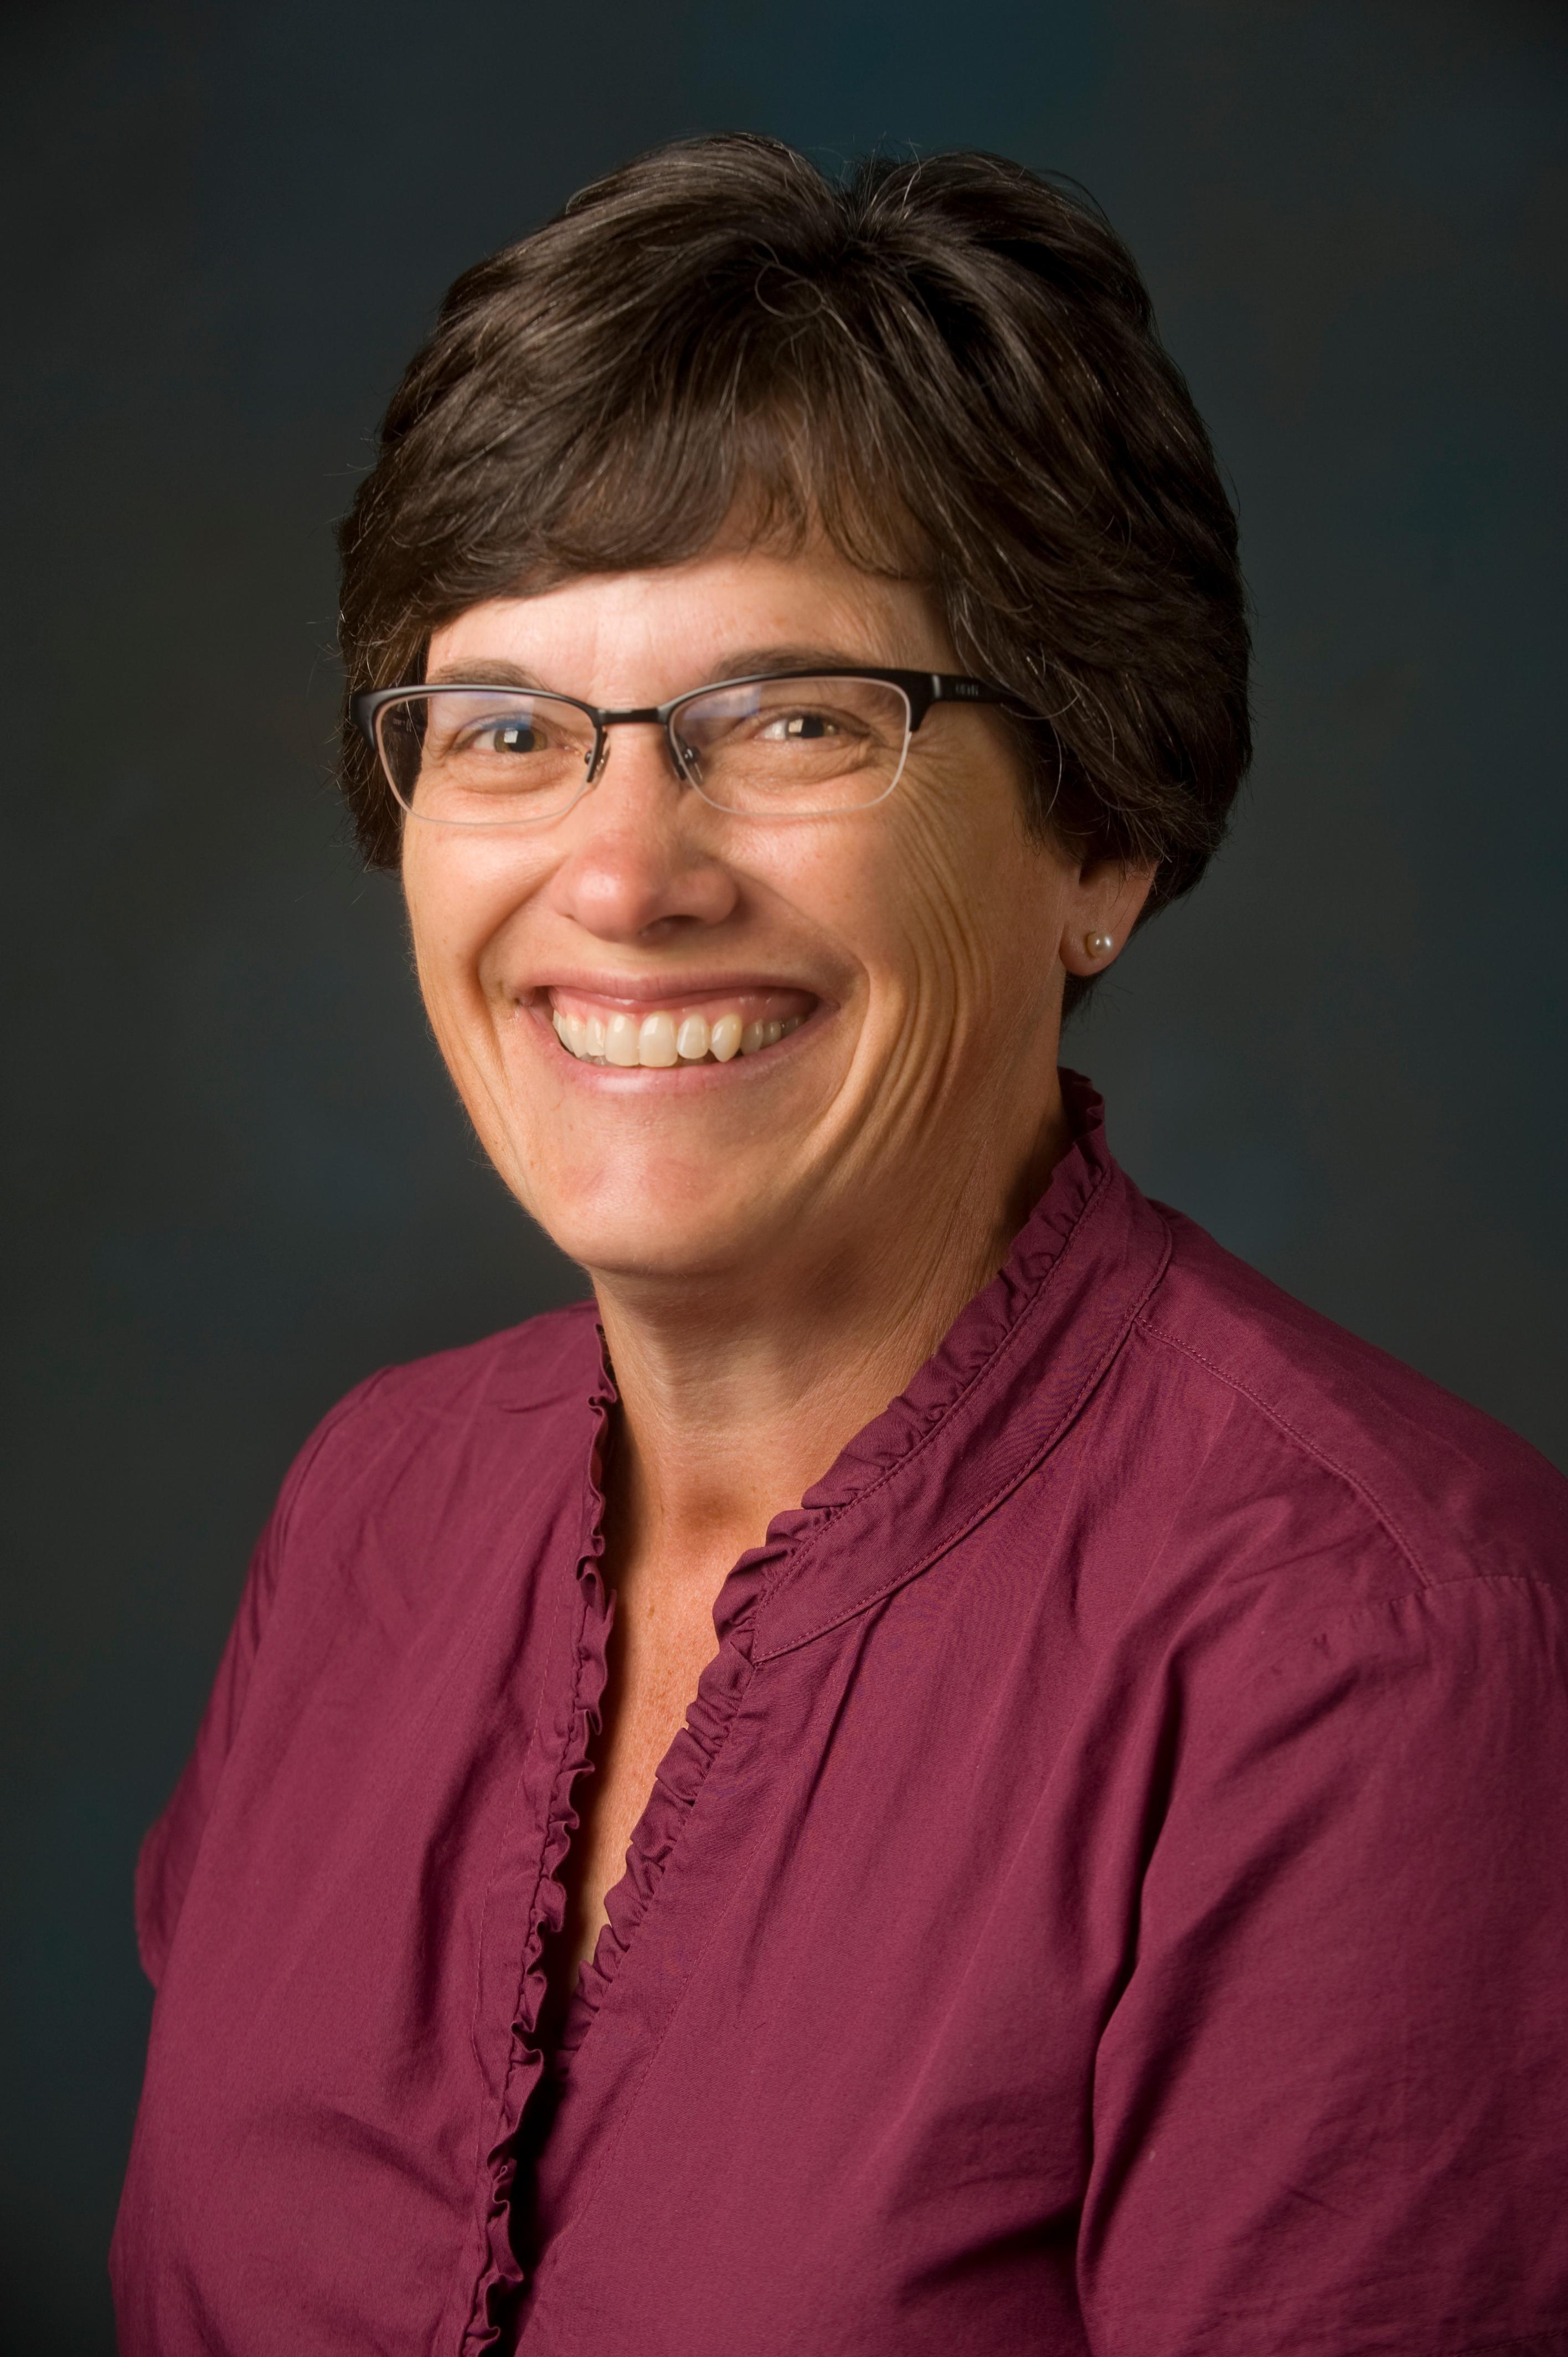 Visit Profile of Cynthia Gaudet